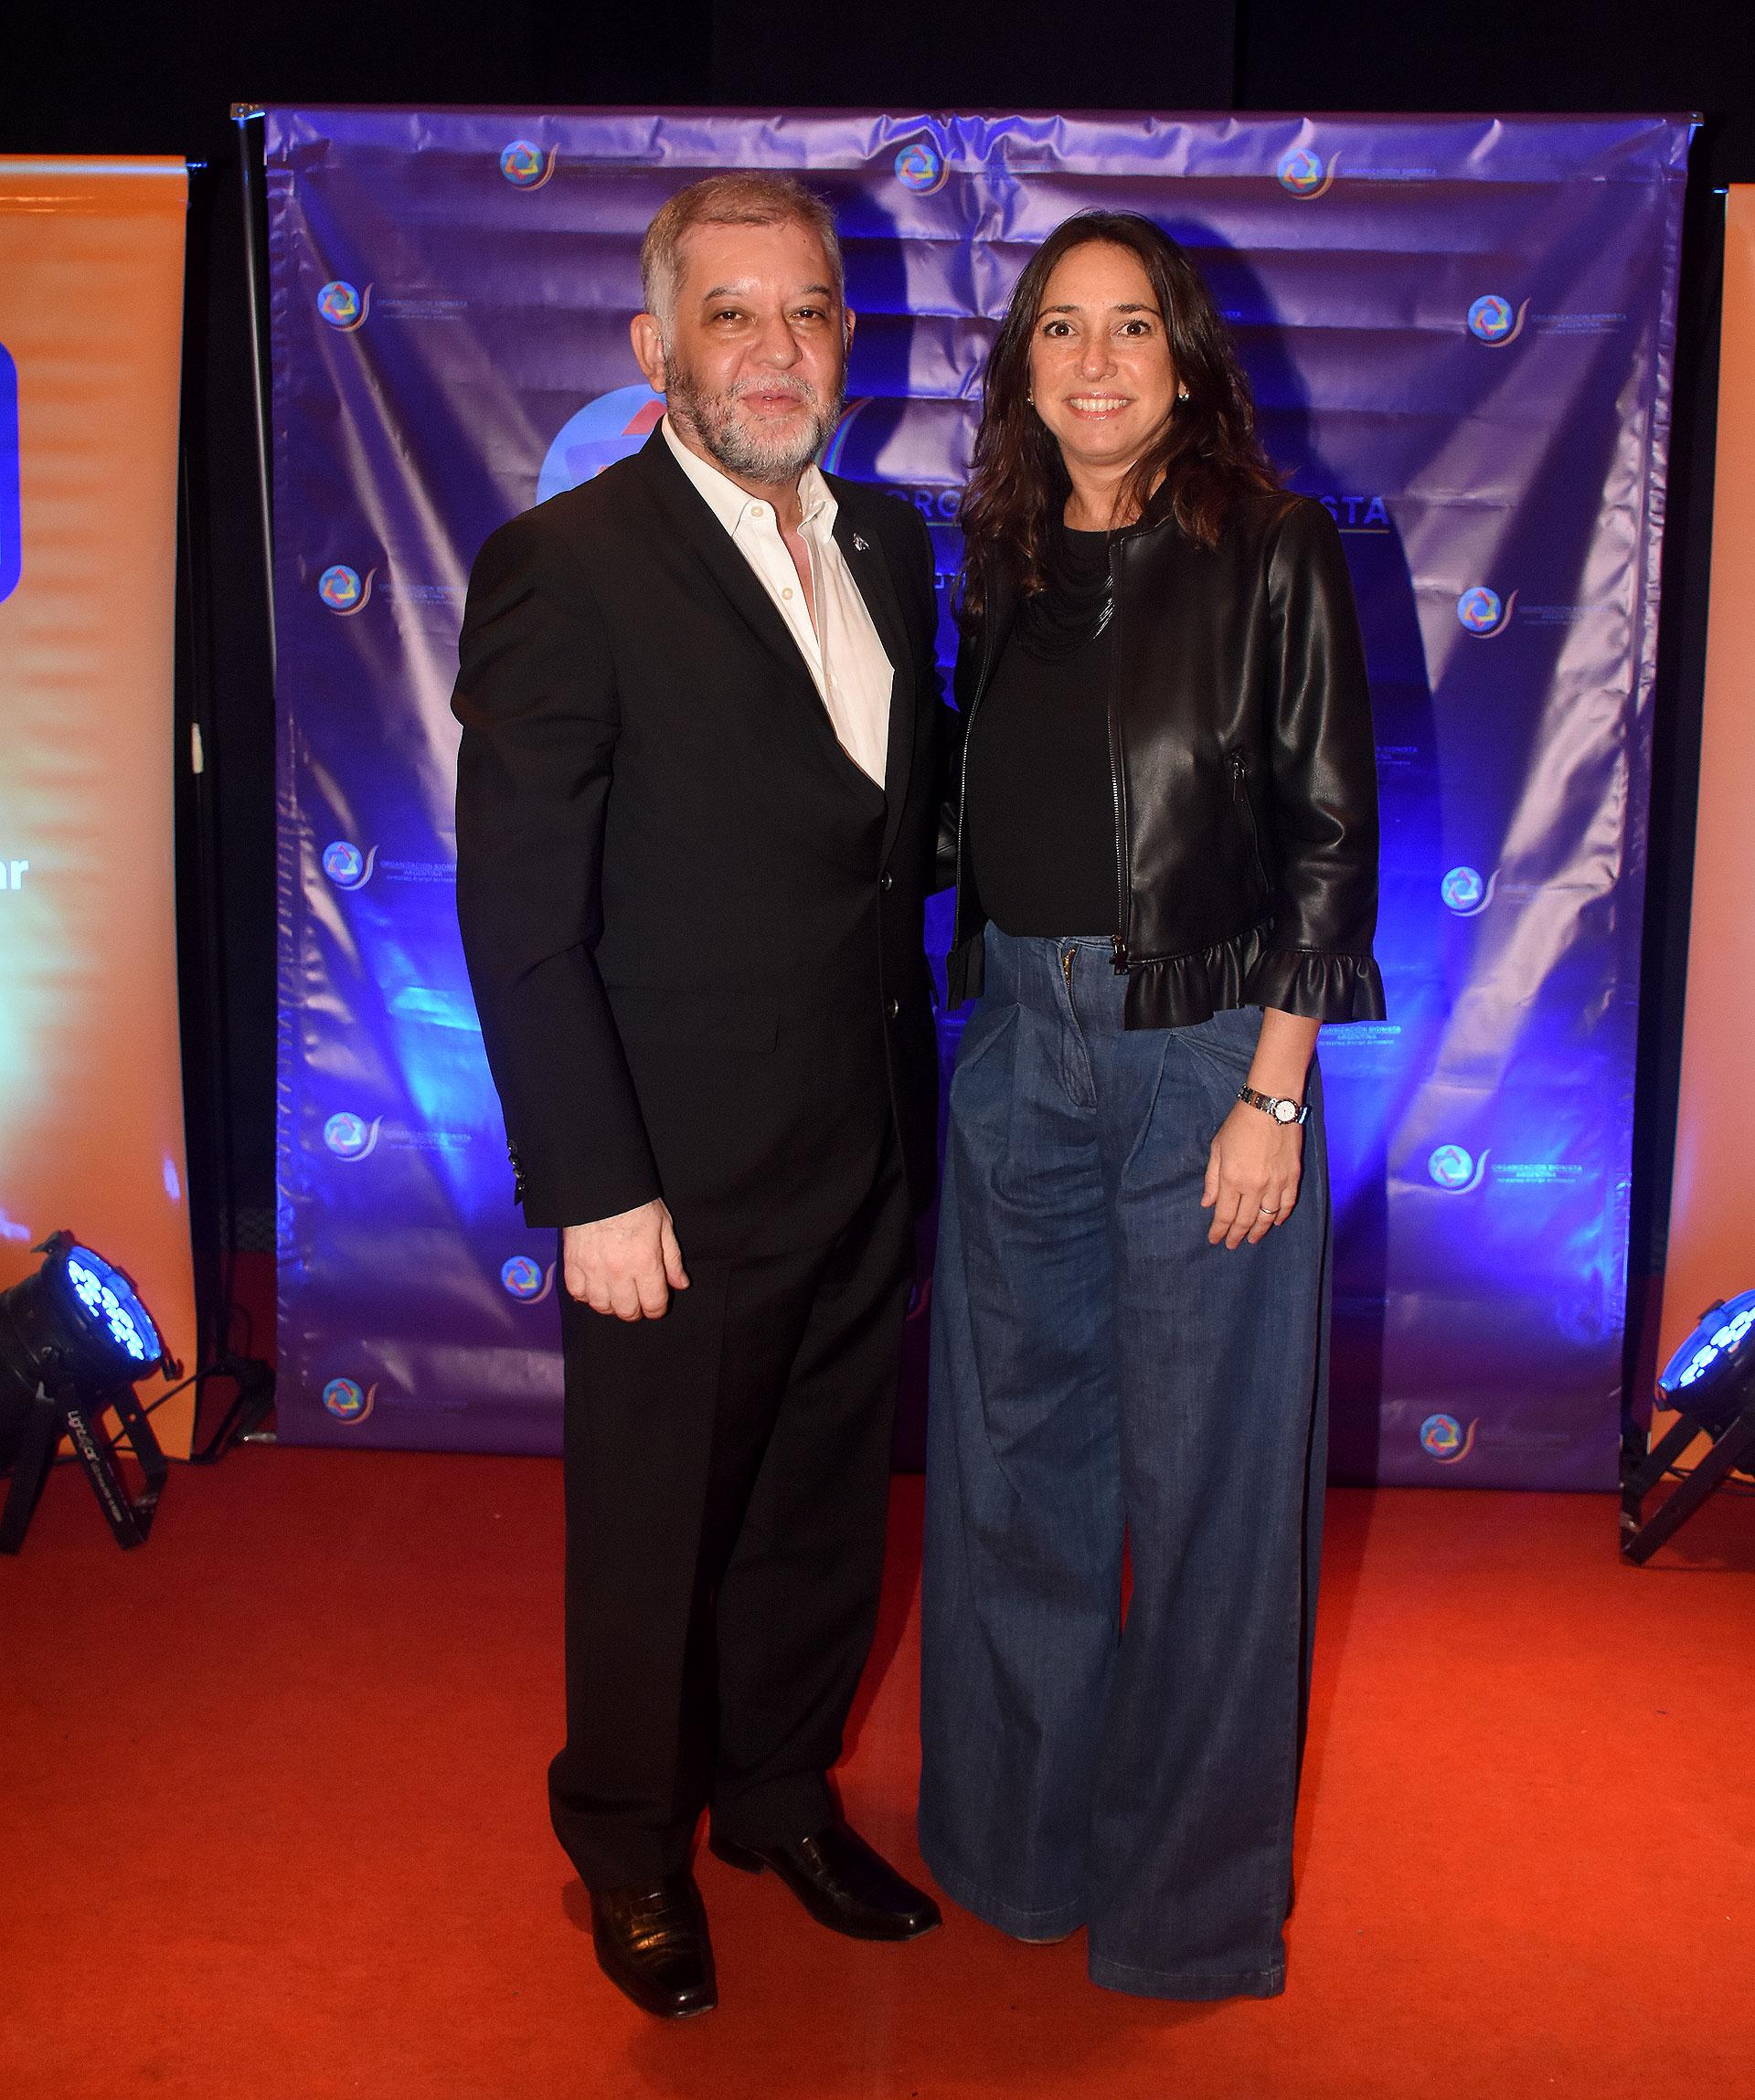 Sergio Pikholtz y Pamela Malewicz, subsecretaria de Derechos Humanos y Pluralismo Cultural porteña